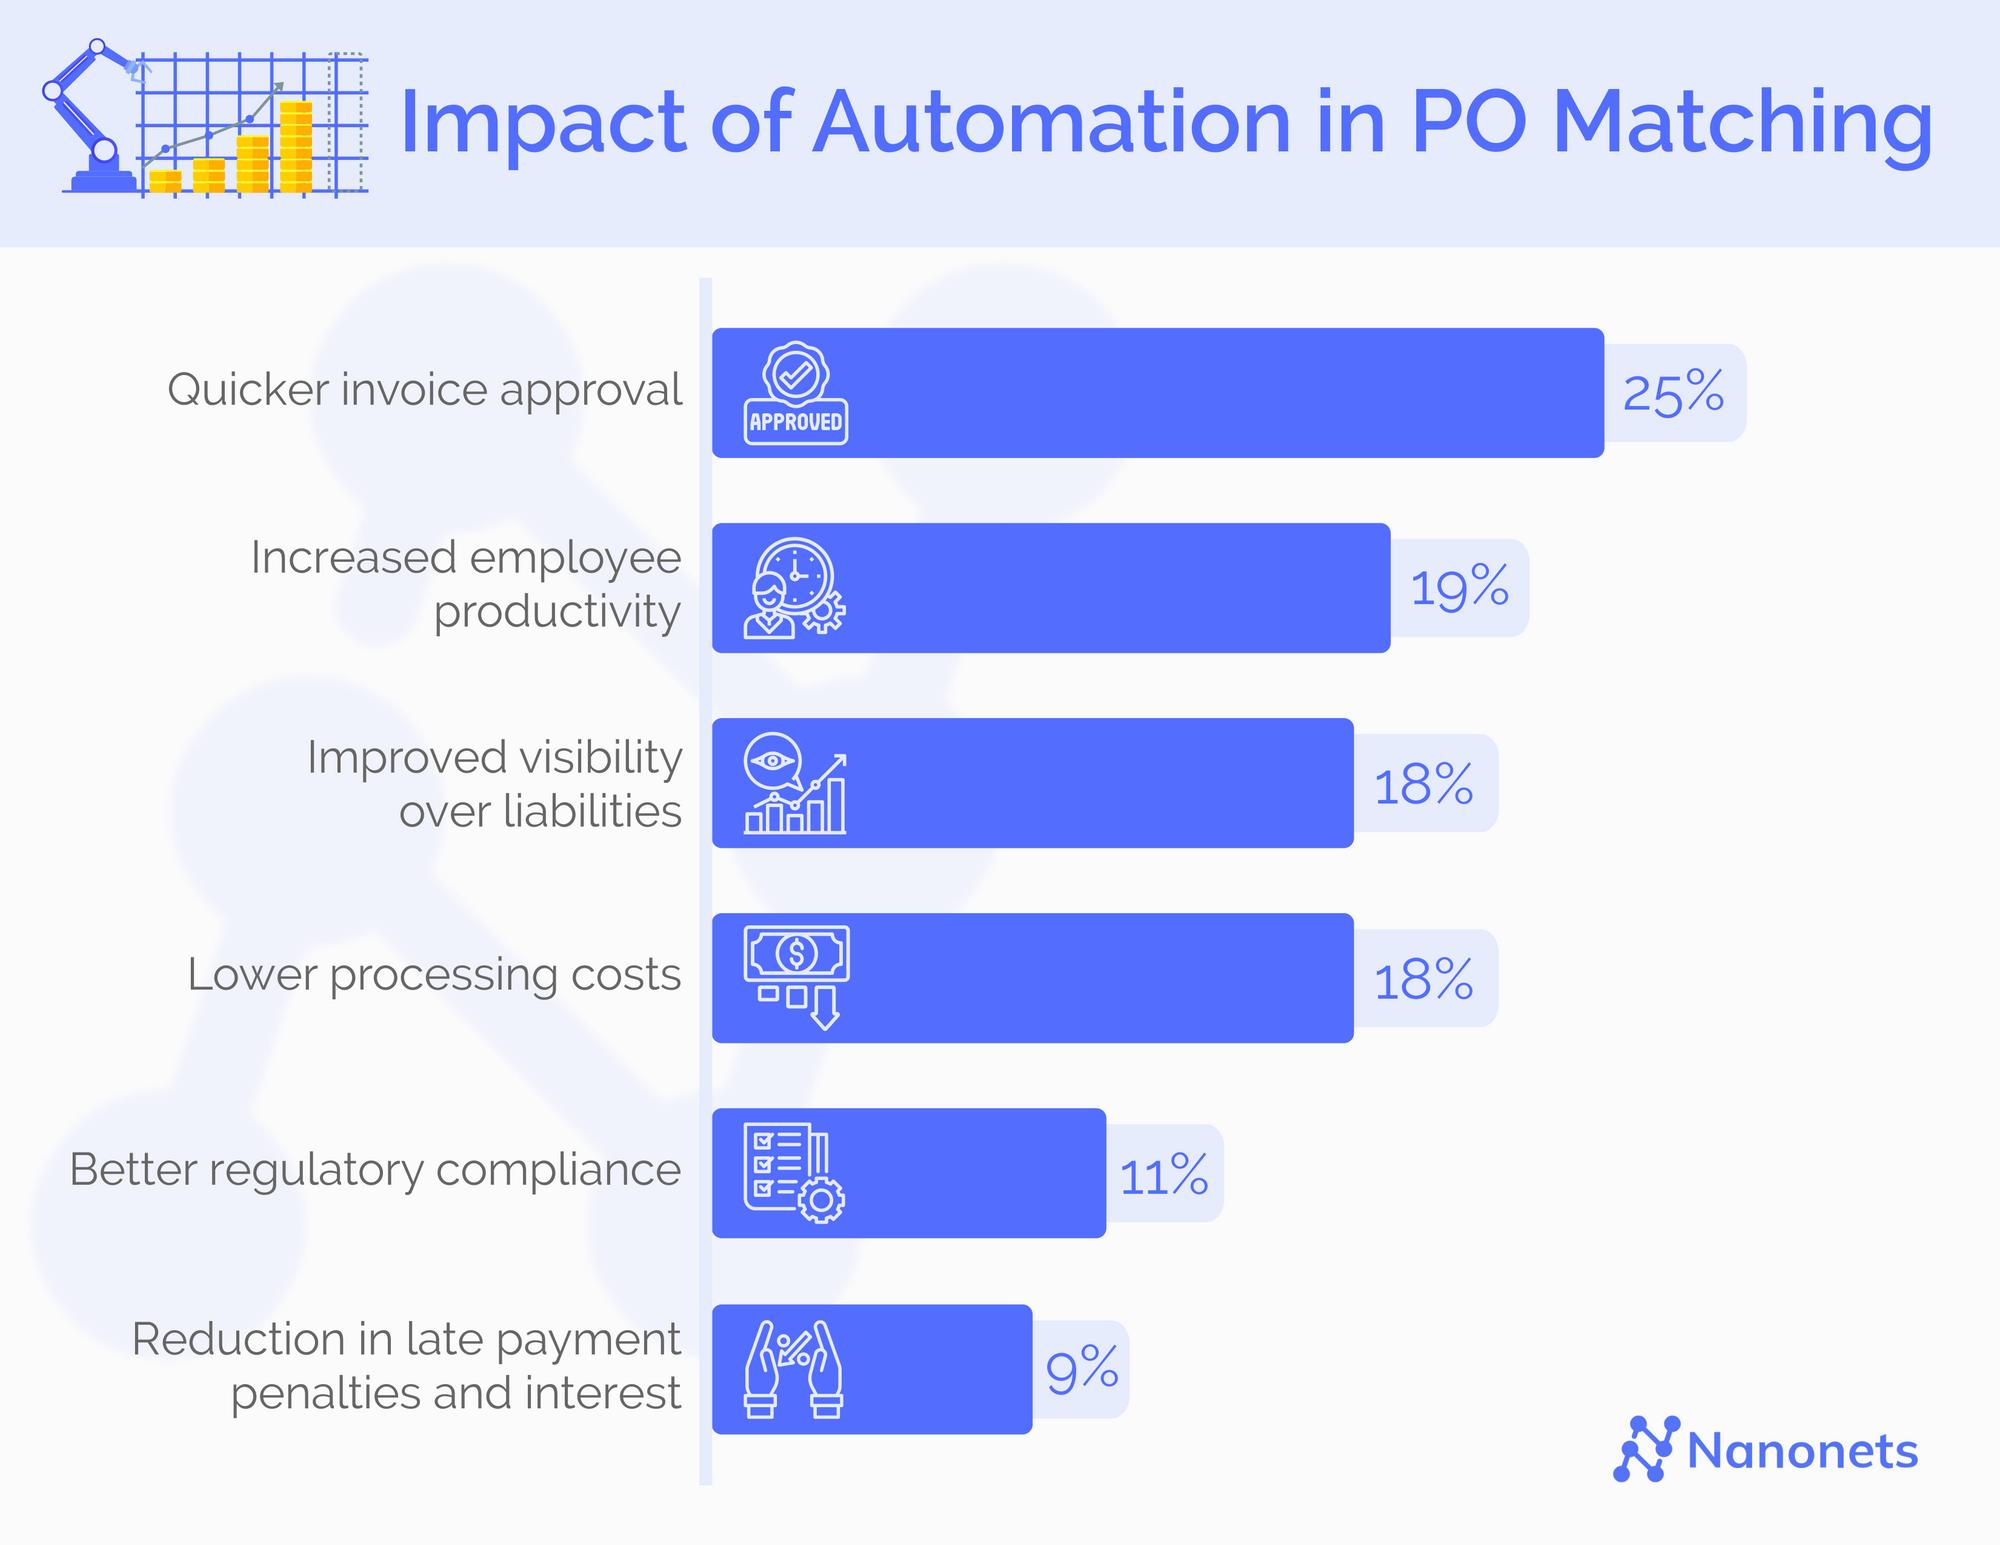 PO Matching Automation Benefits